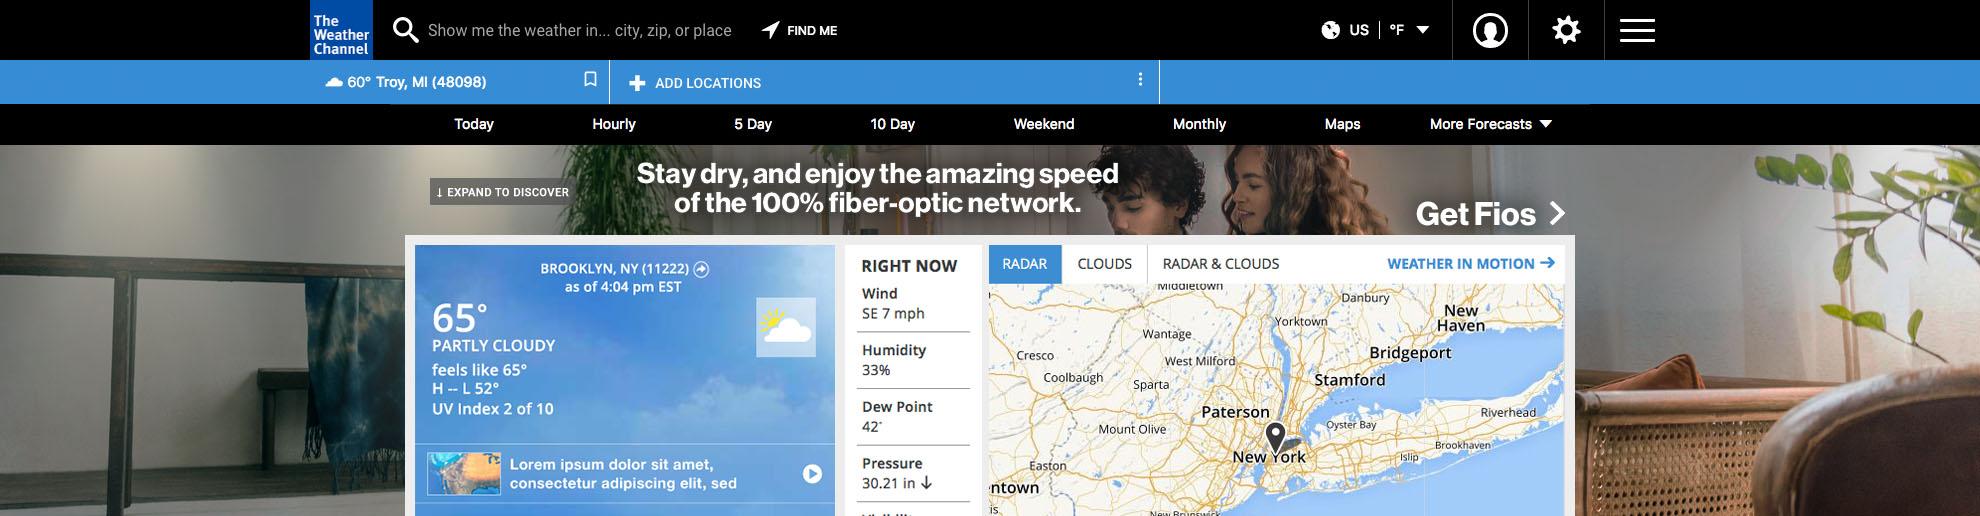 Verizon-DW-Rainy_Night-Closed